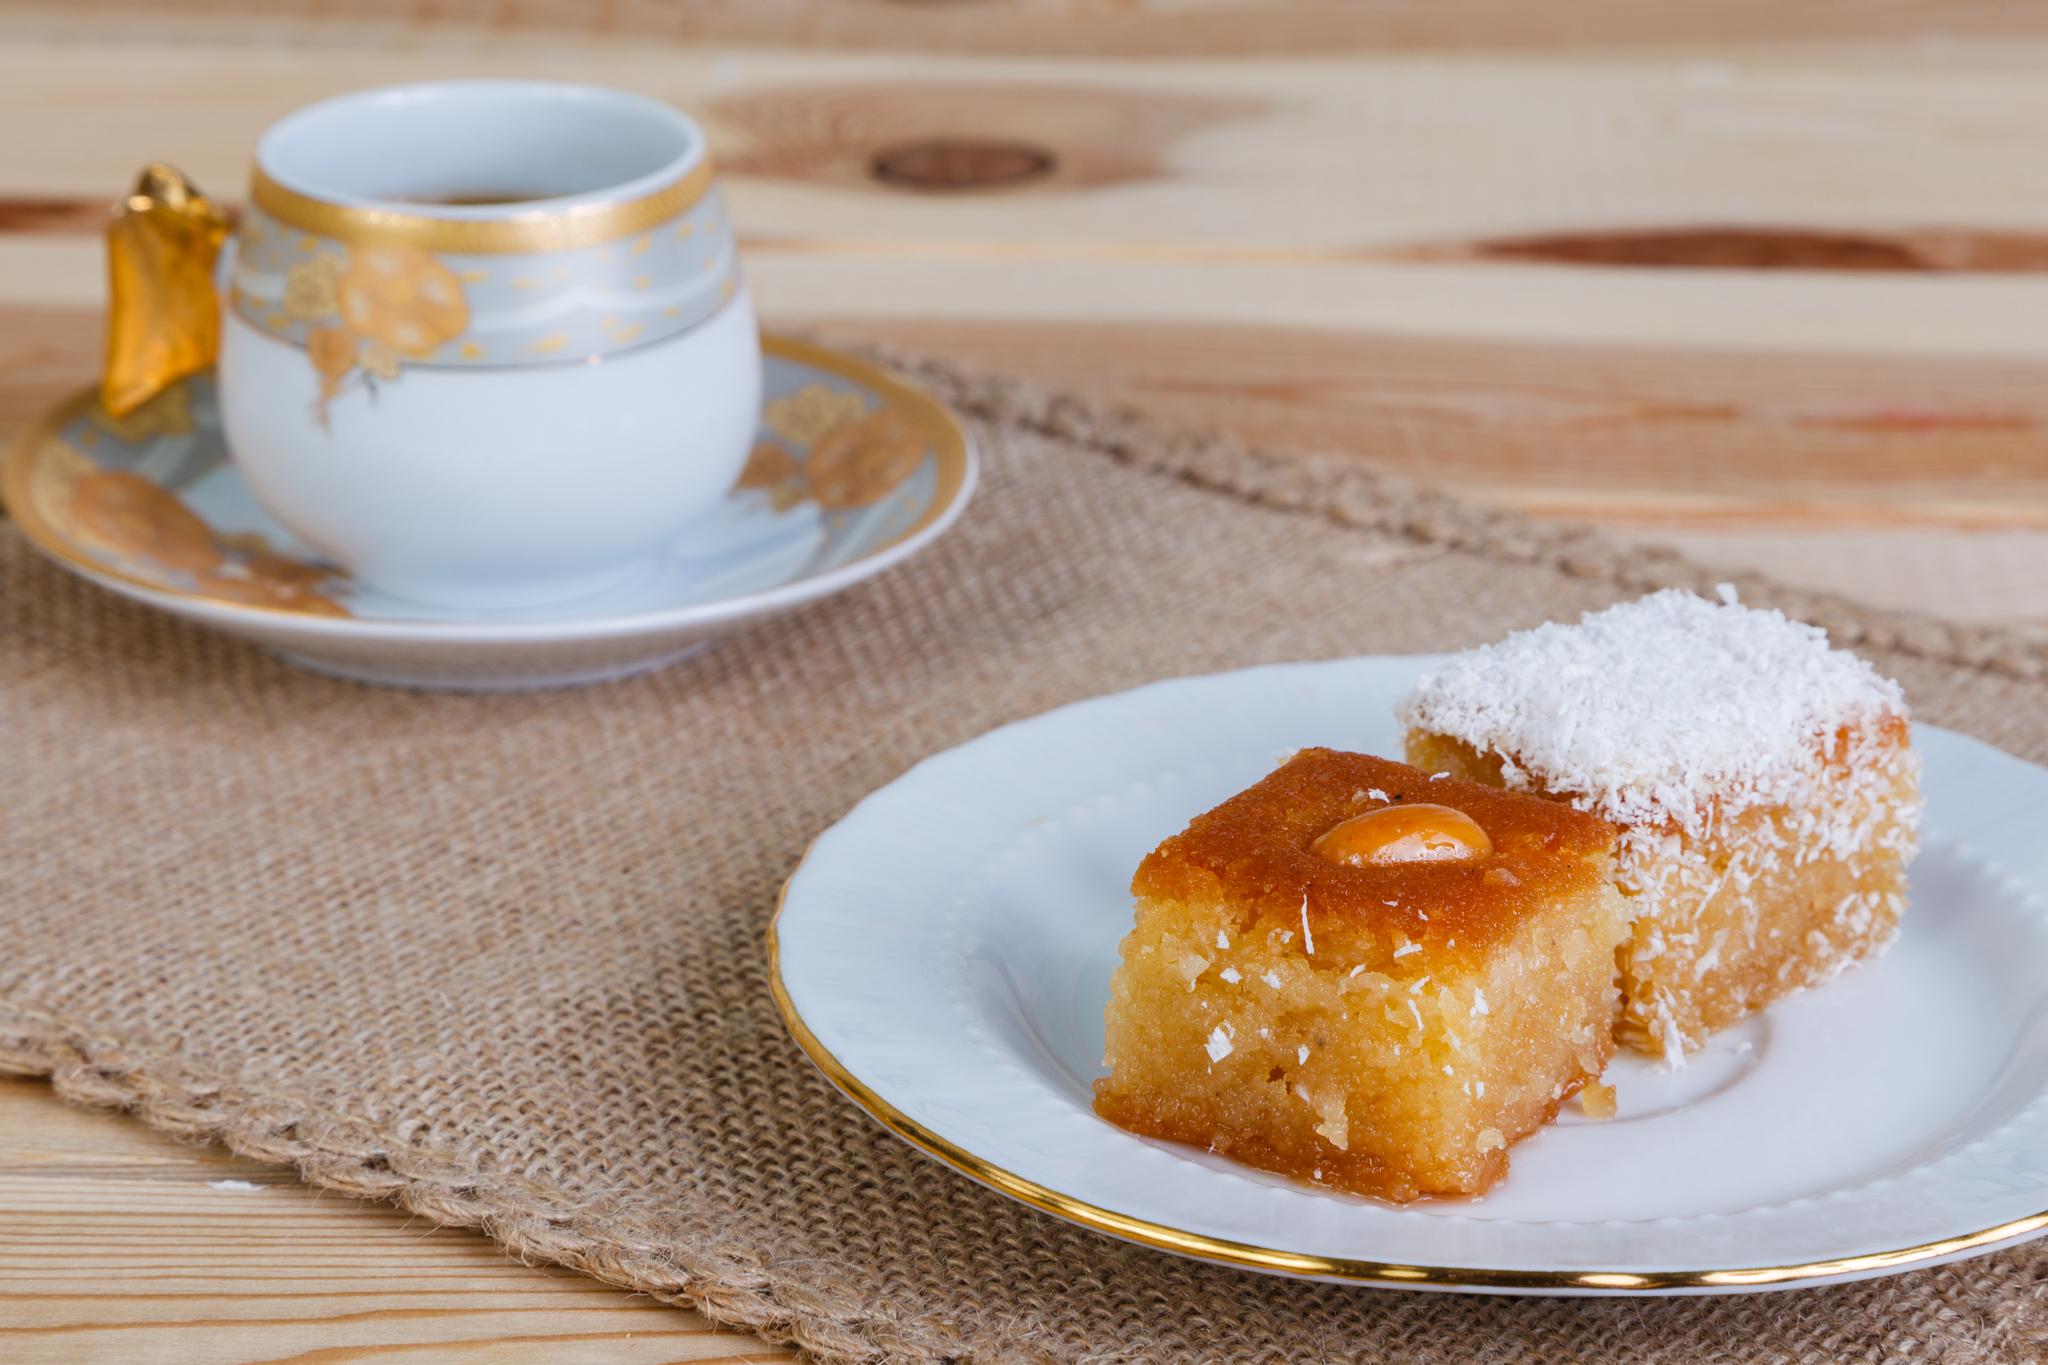 Десерты Восточный десерт Намура с миндалем, 400 г import_files_7e_7e6d0bbf787e11e799f3606c664b1de1_2456a4092e9411e8a993484d7ecee297.jpg